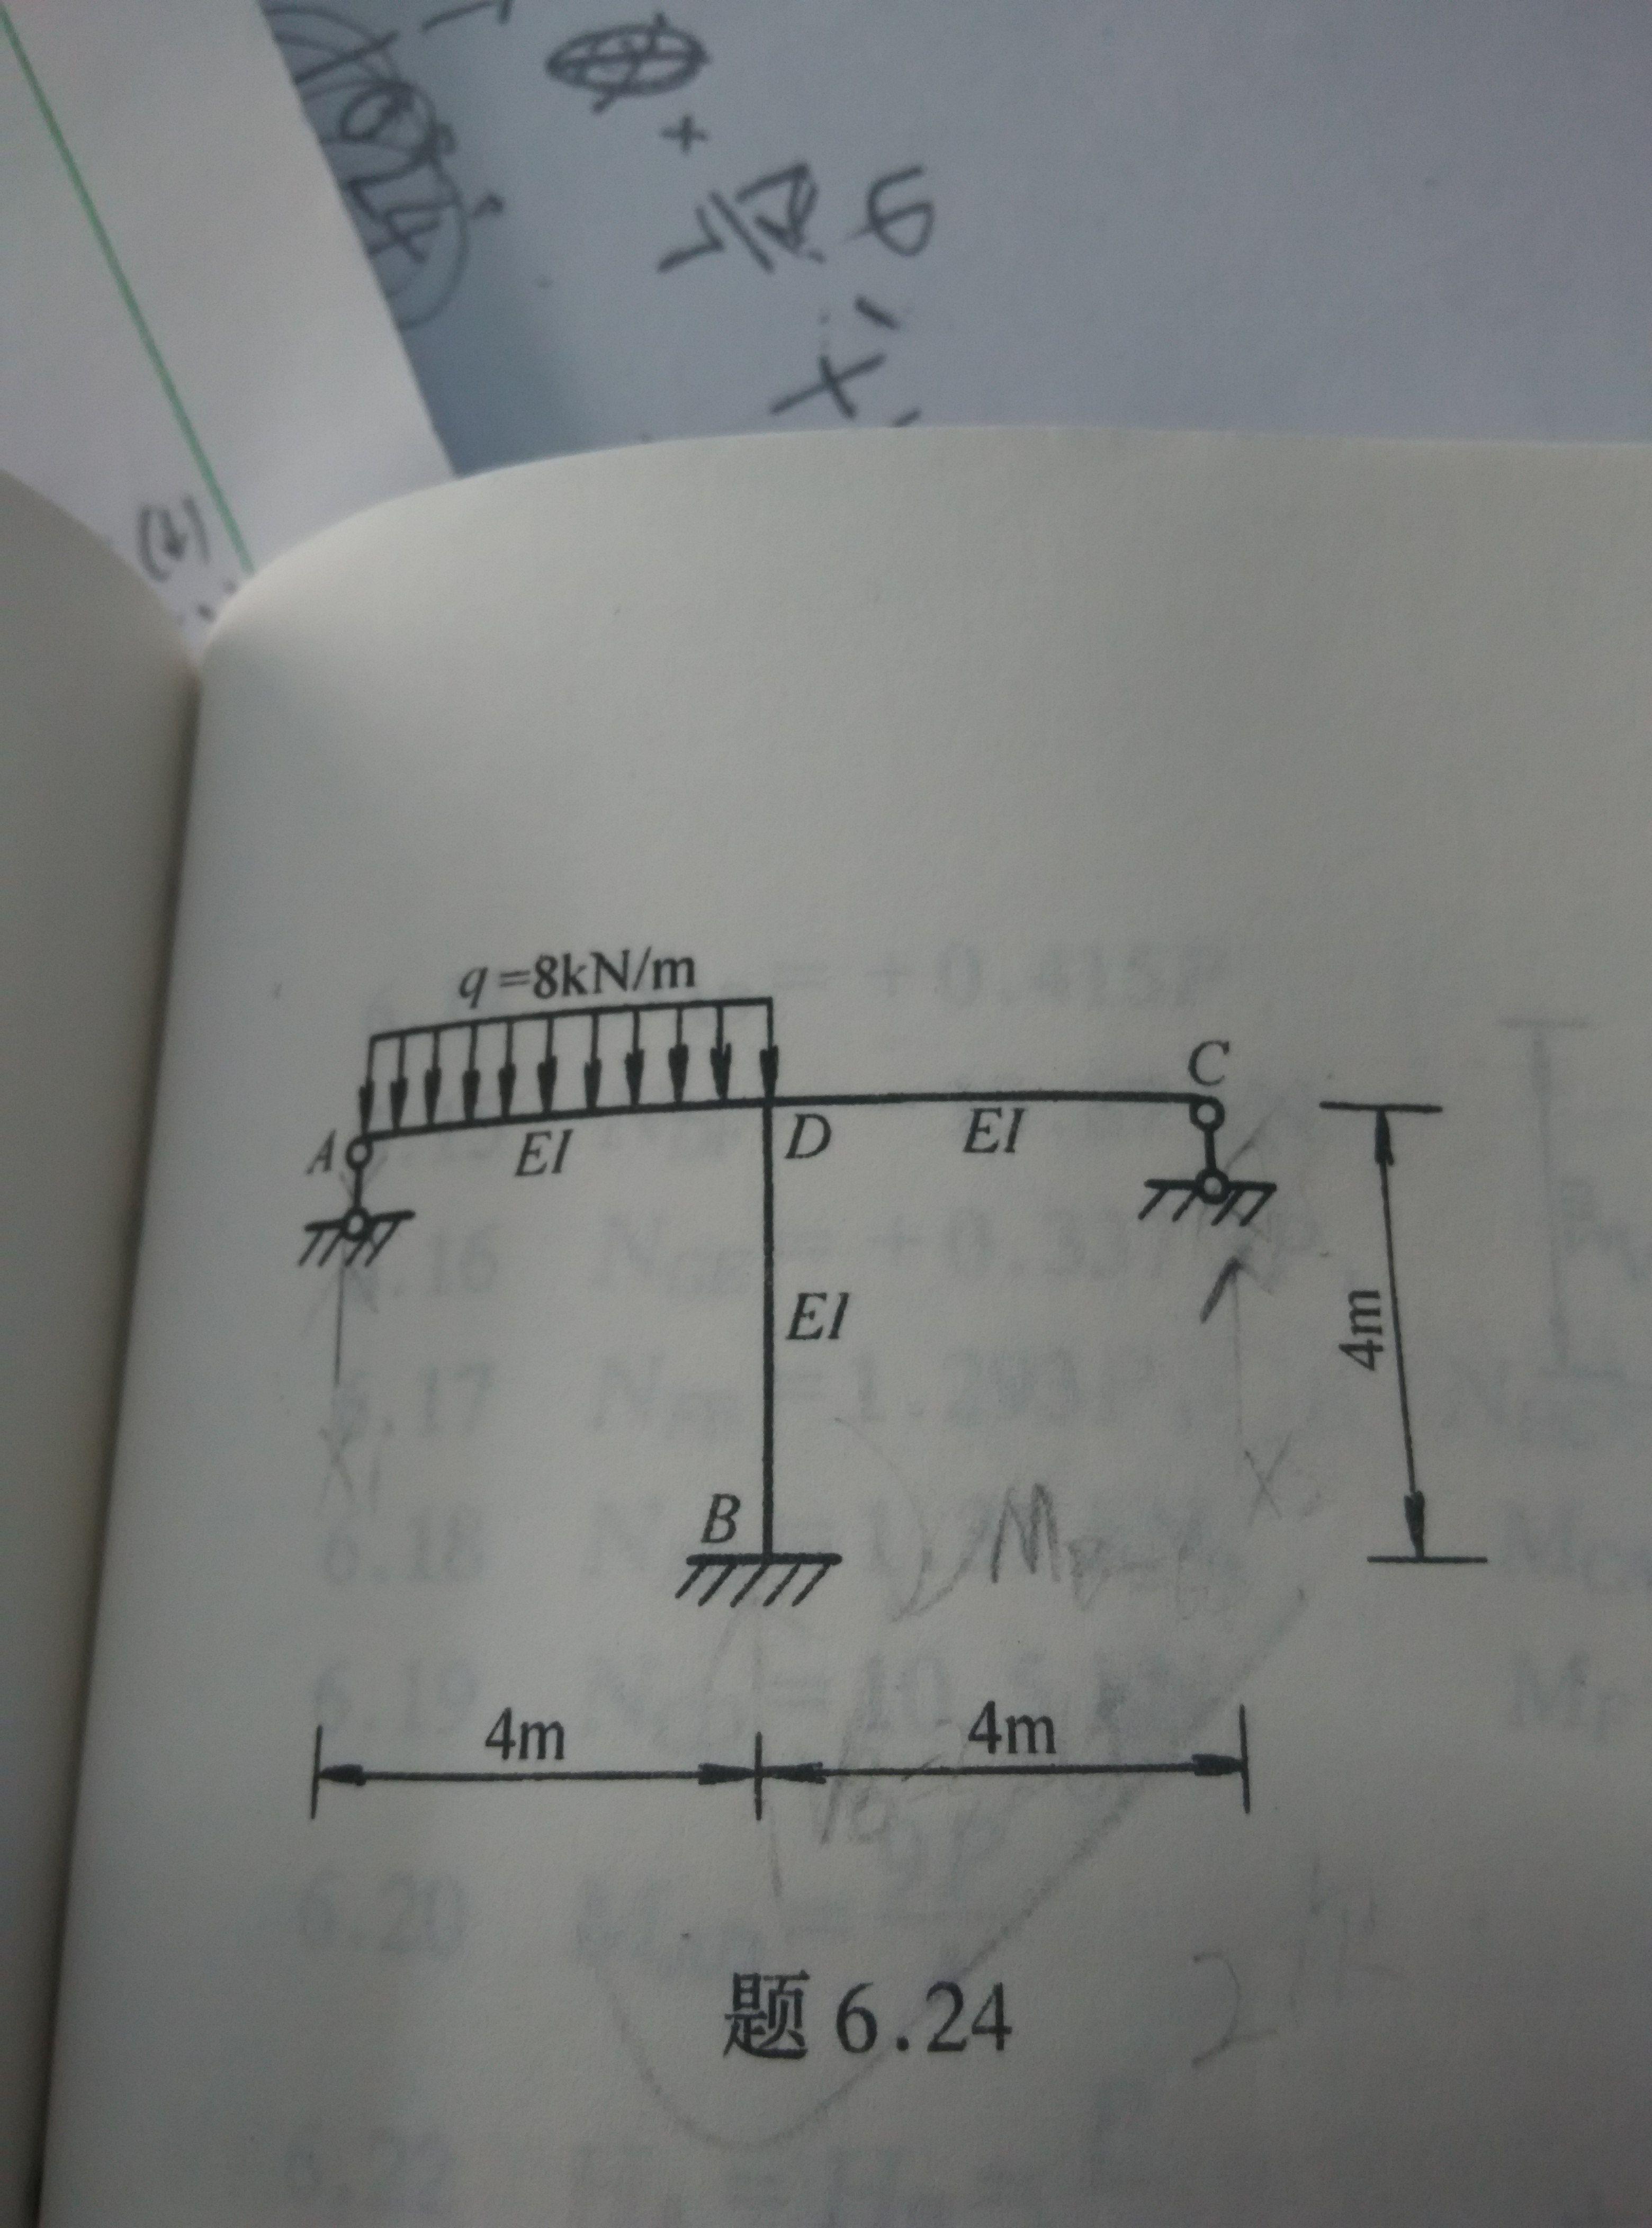 怎样做这个超静定结构的弯矩图